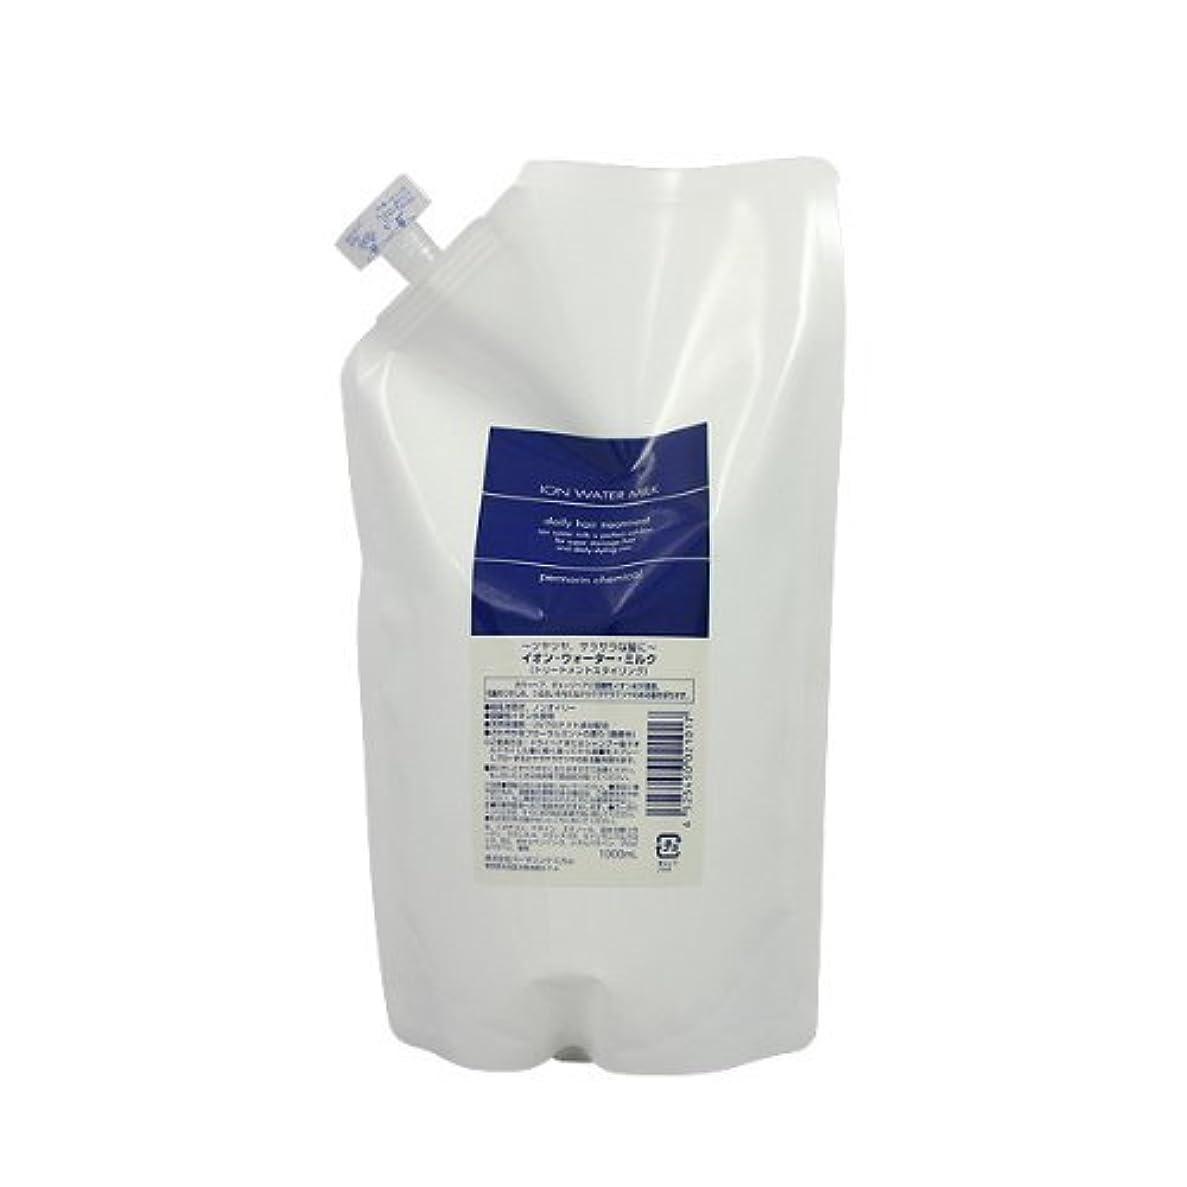 くすぐったい補体エスカレーターイオンウォーターミルク 1000ml リフィル